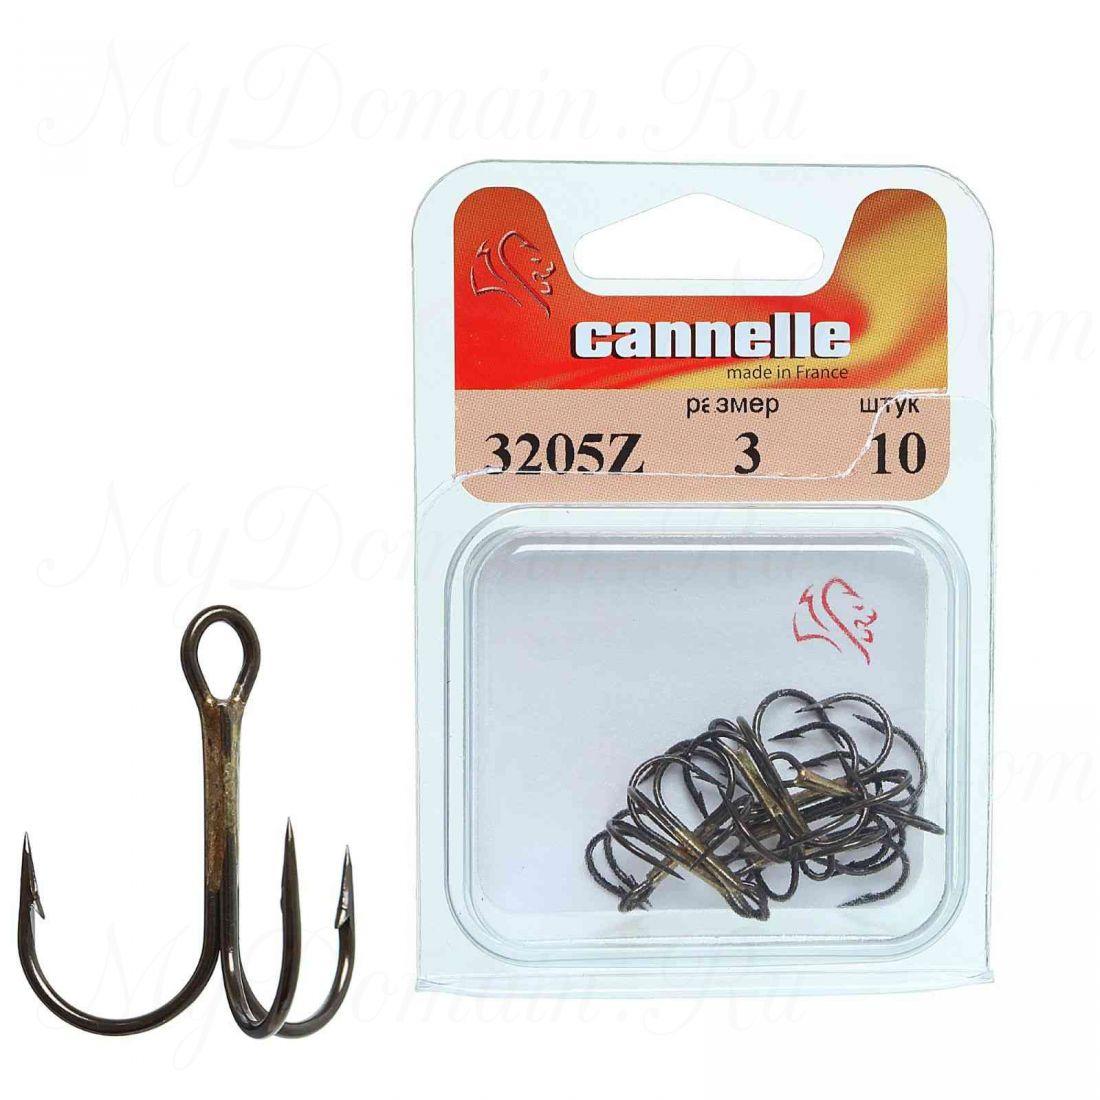 Тройник Cannelle 3205 Z № 2 уп. 1000 шт. (бронза,круглый поддев,стандартный тройник,средняя проволка)